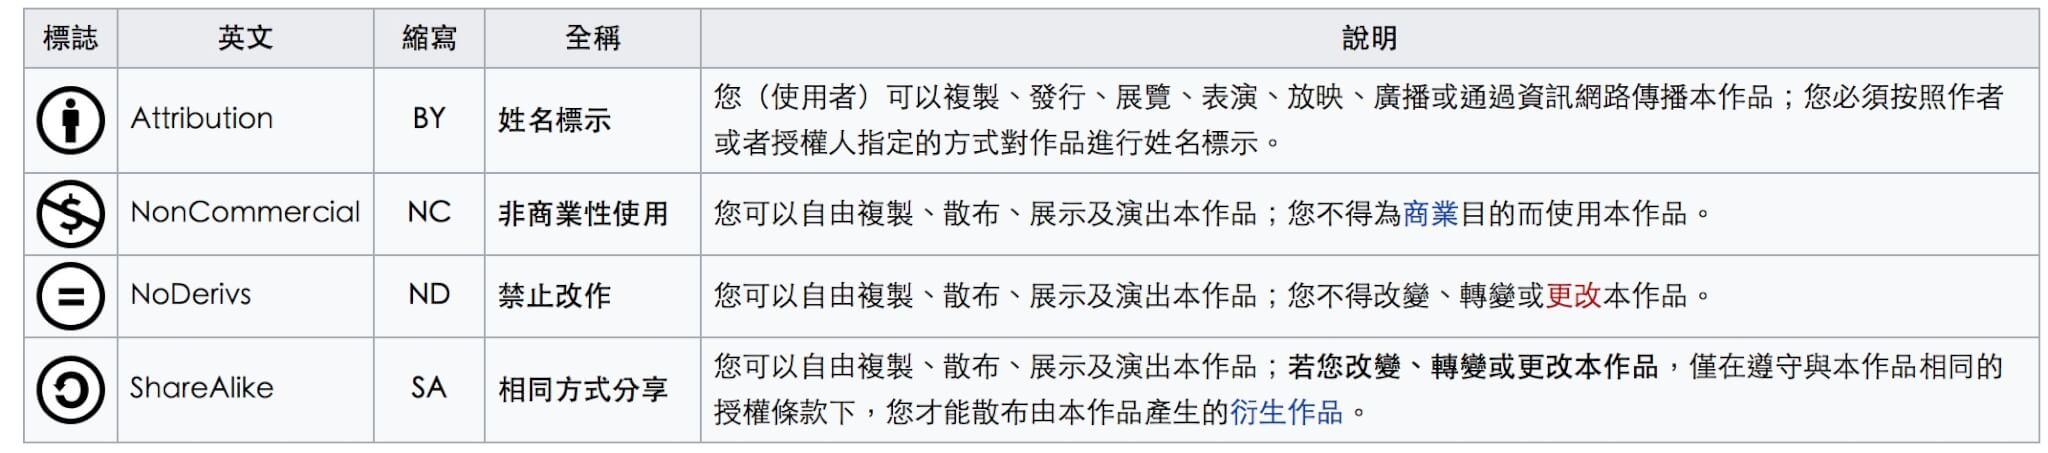 保留部分权利的CC知识共享协议